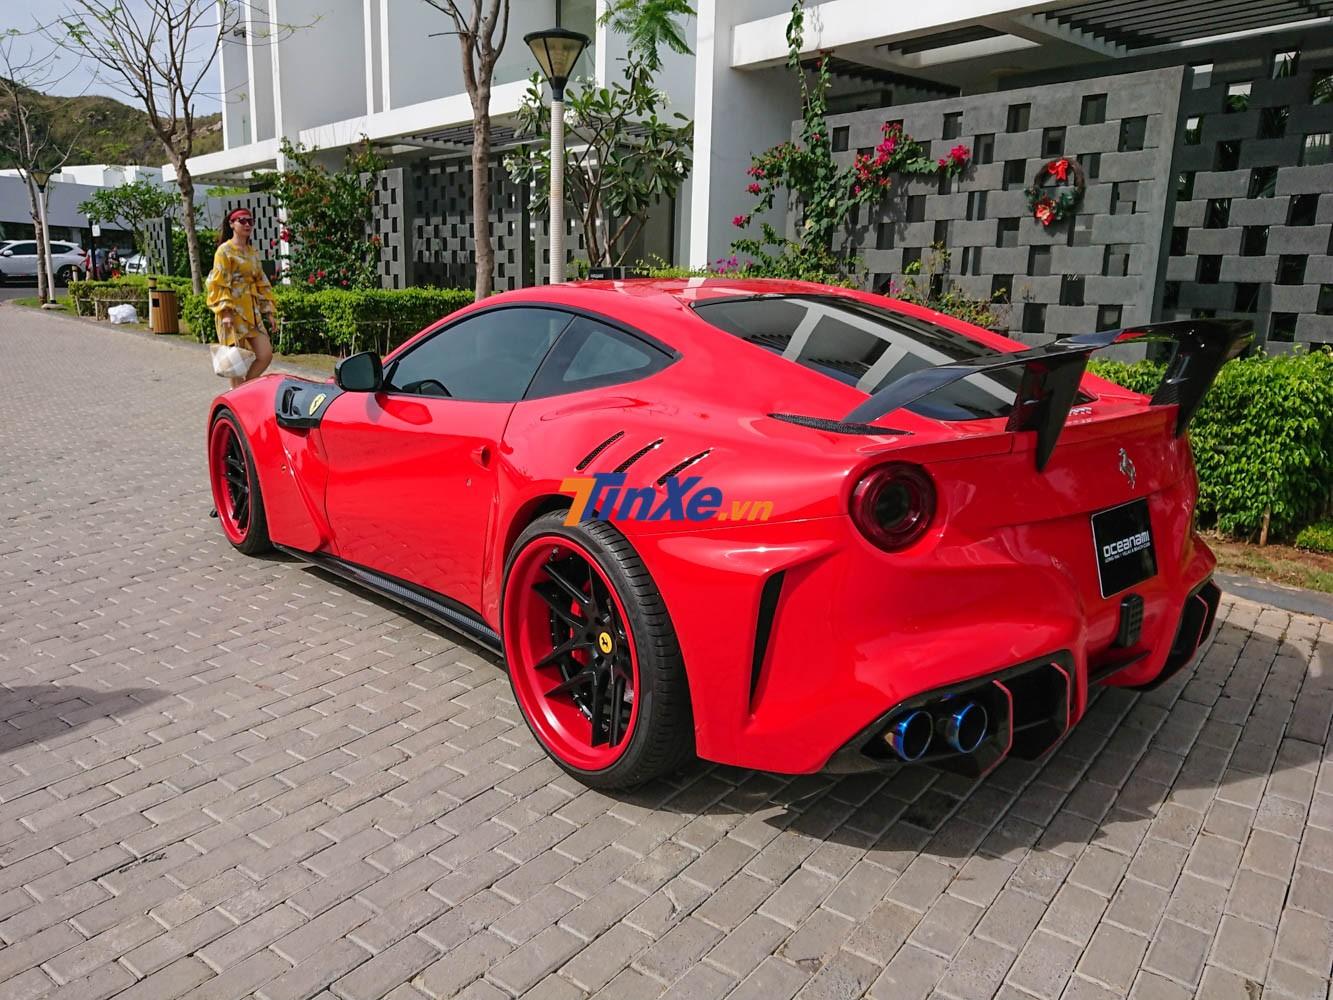 Duke Dynamics đã thay đổi đến 21 chi tiết trên siêu xe nguyên bản Ferrari F12 Berlinetta